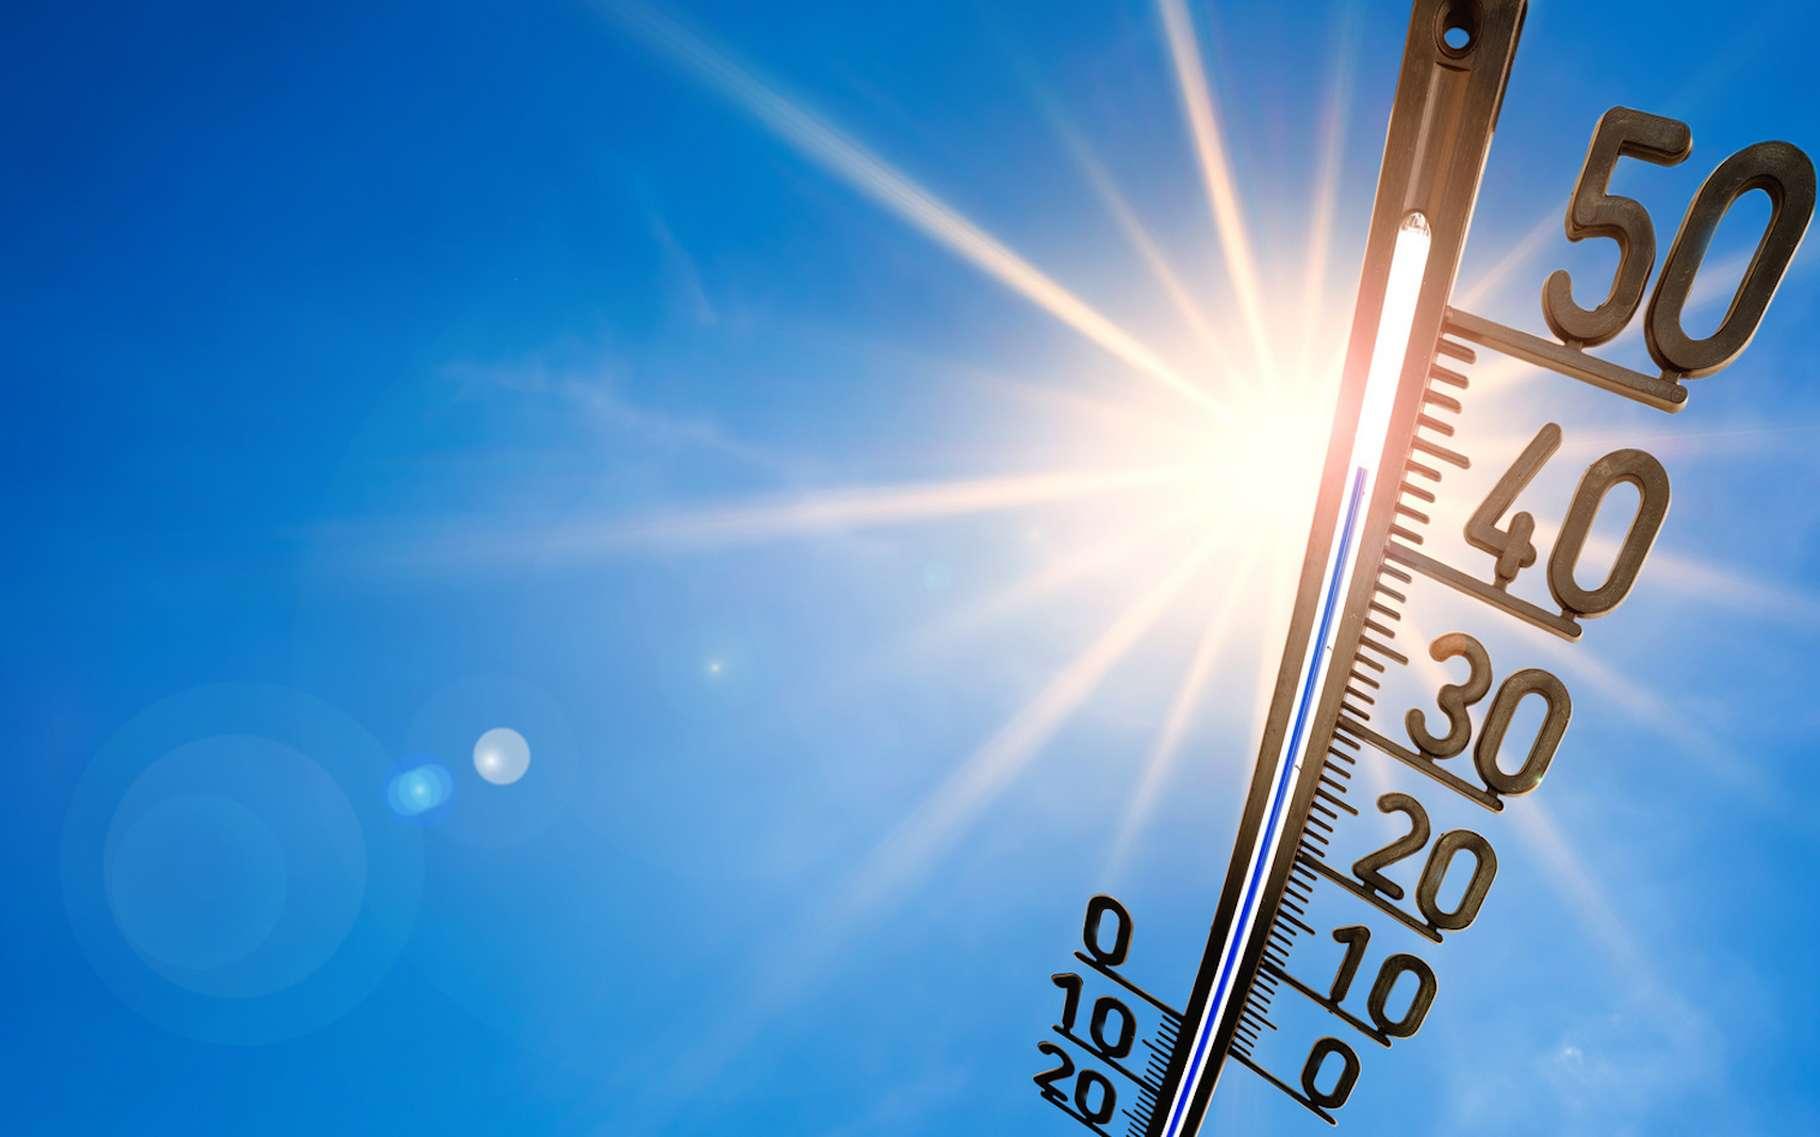 Ce mois de juin est le plus chaud jamais enregistré juste derrière... celui de 2019